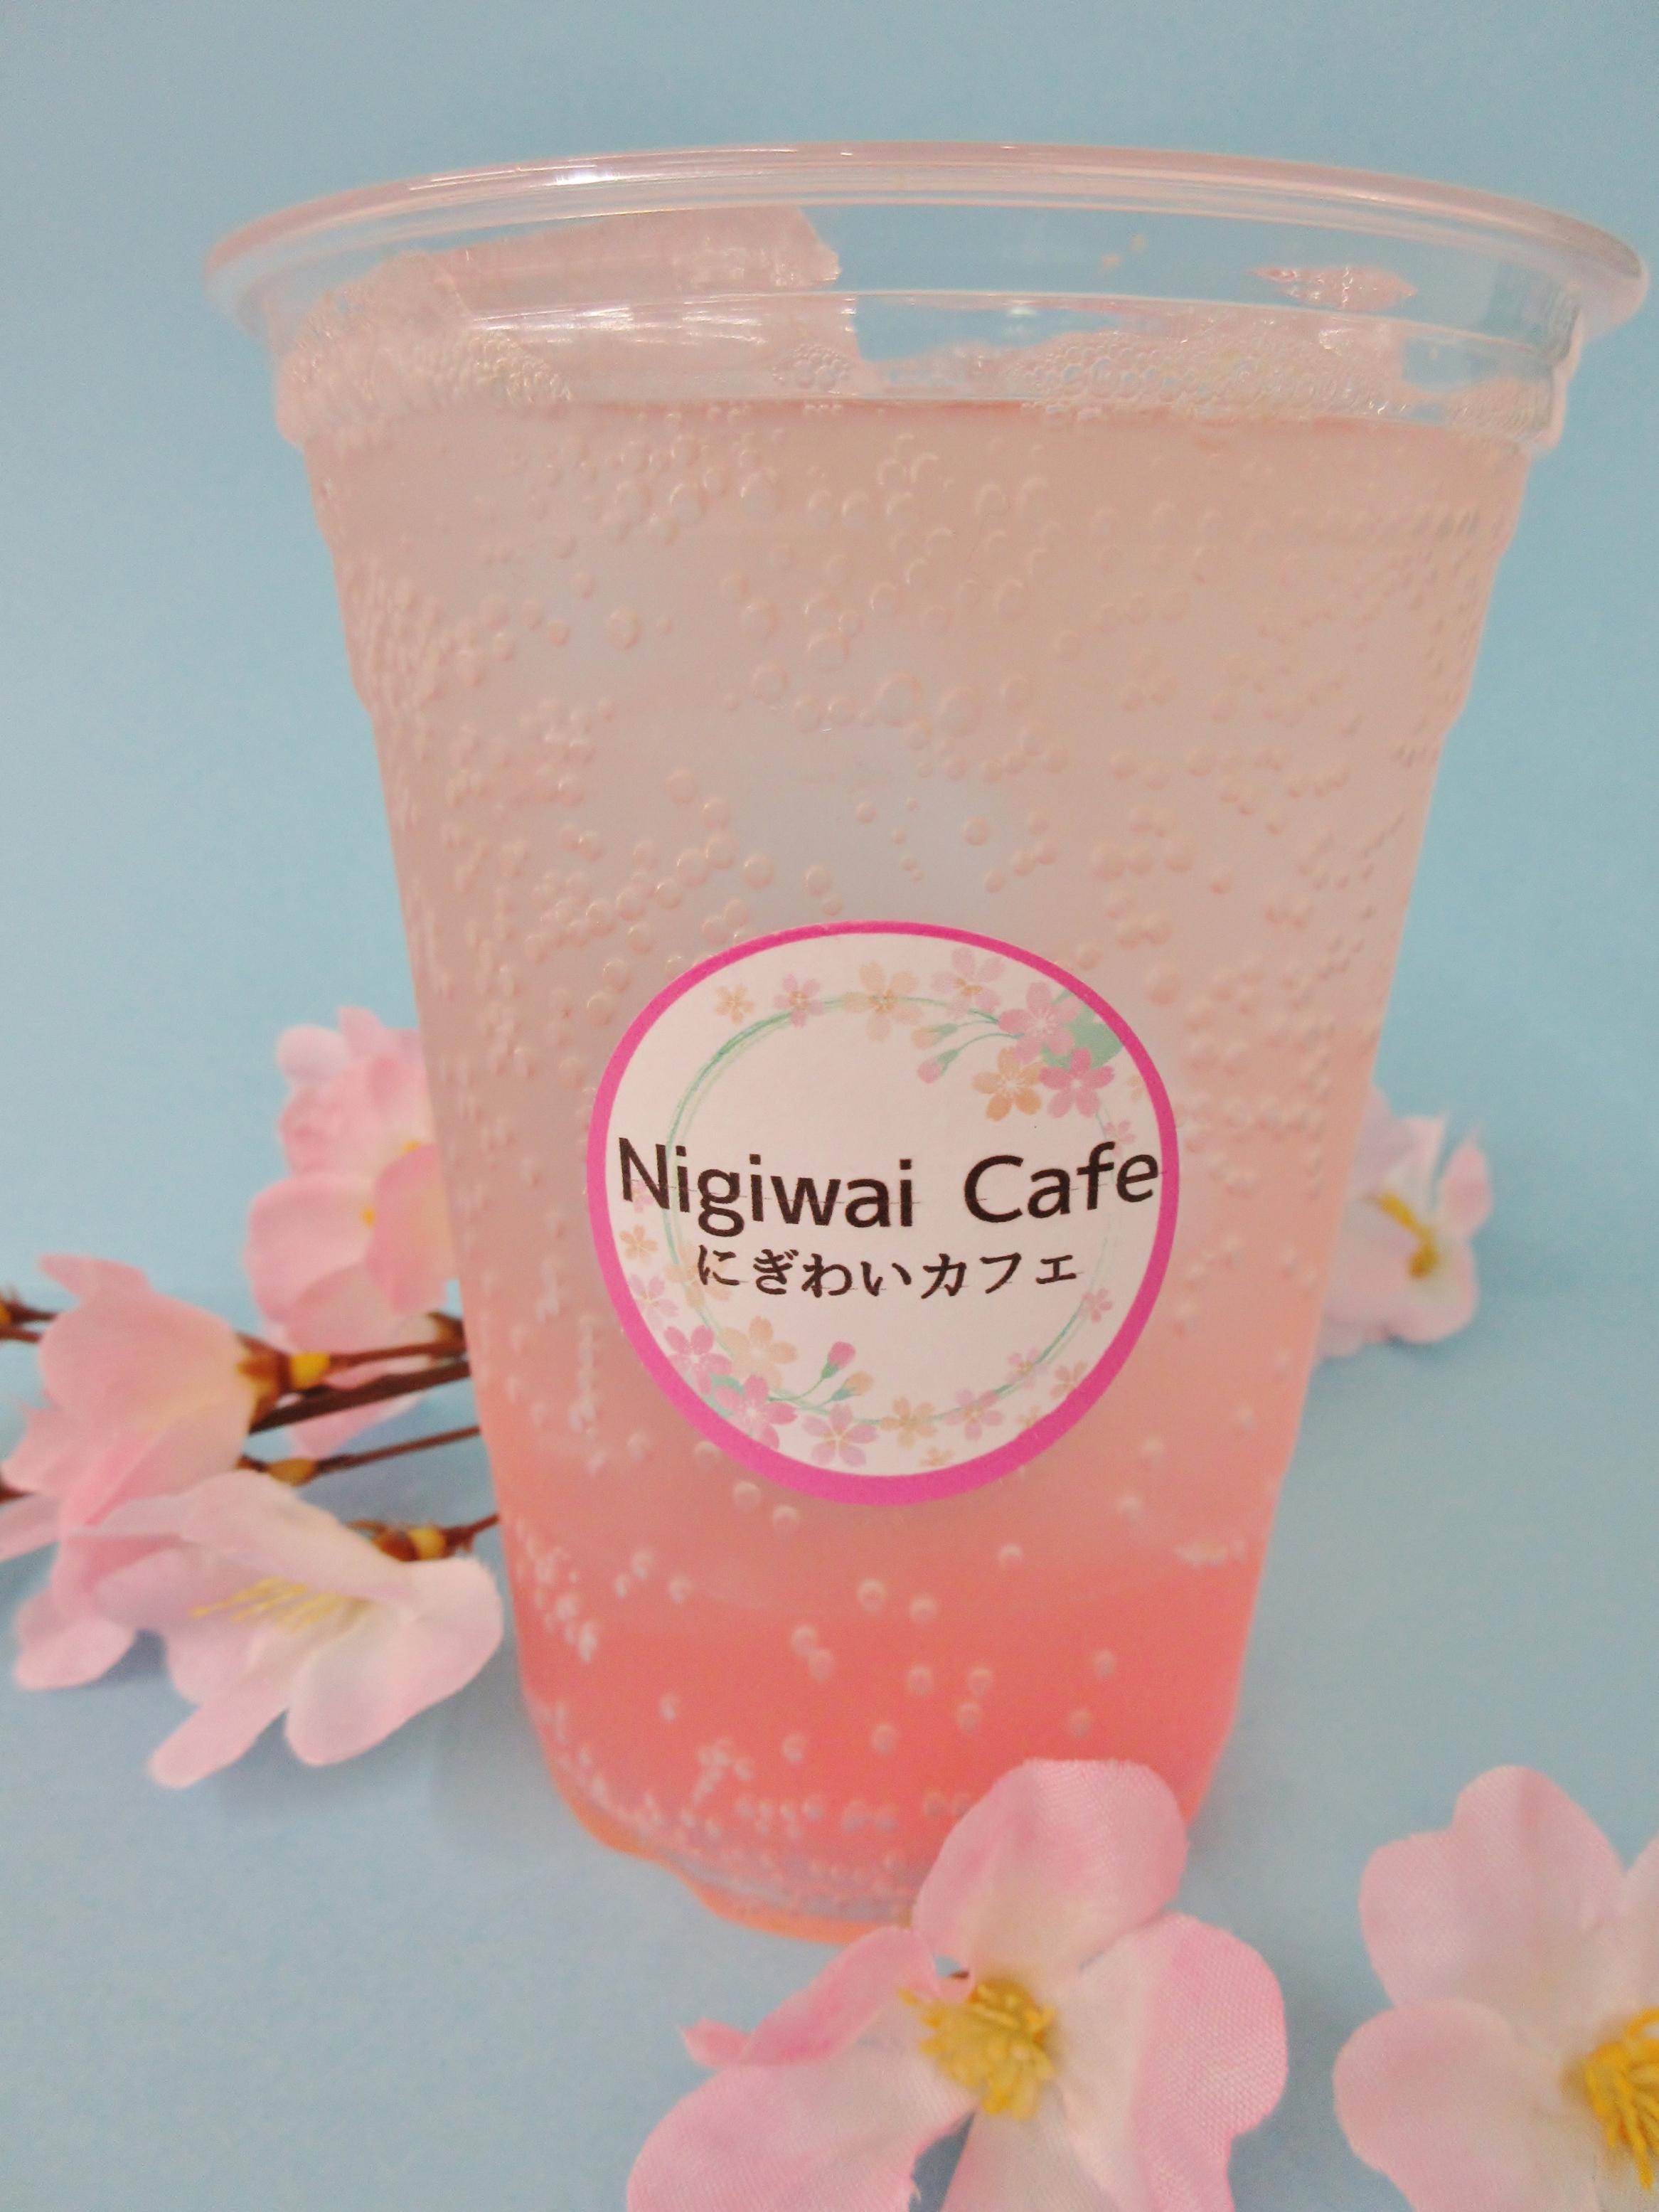 春うらら、桜咲く季節を楽しんで♬